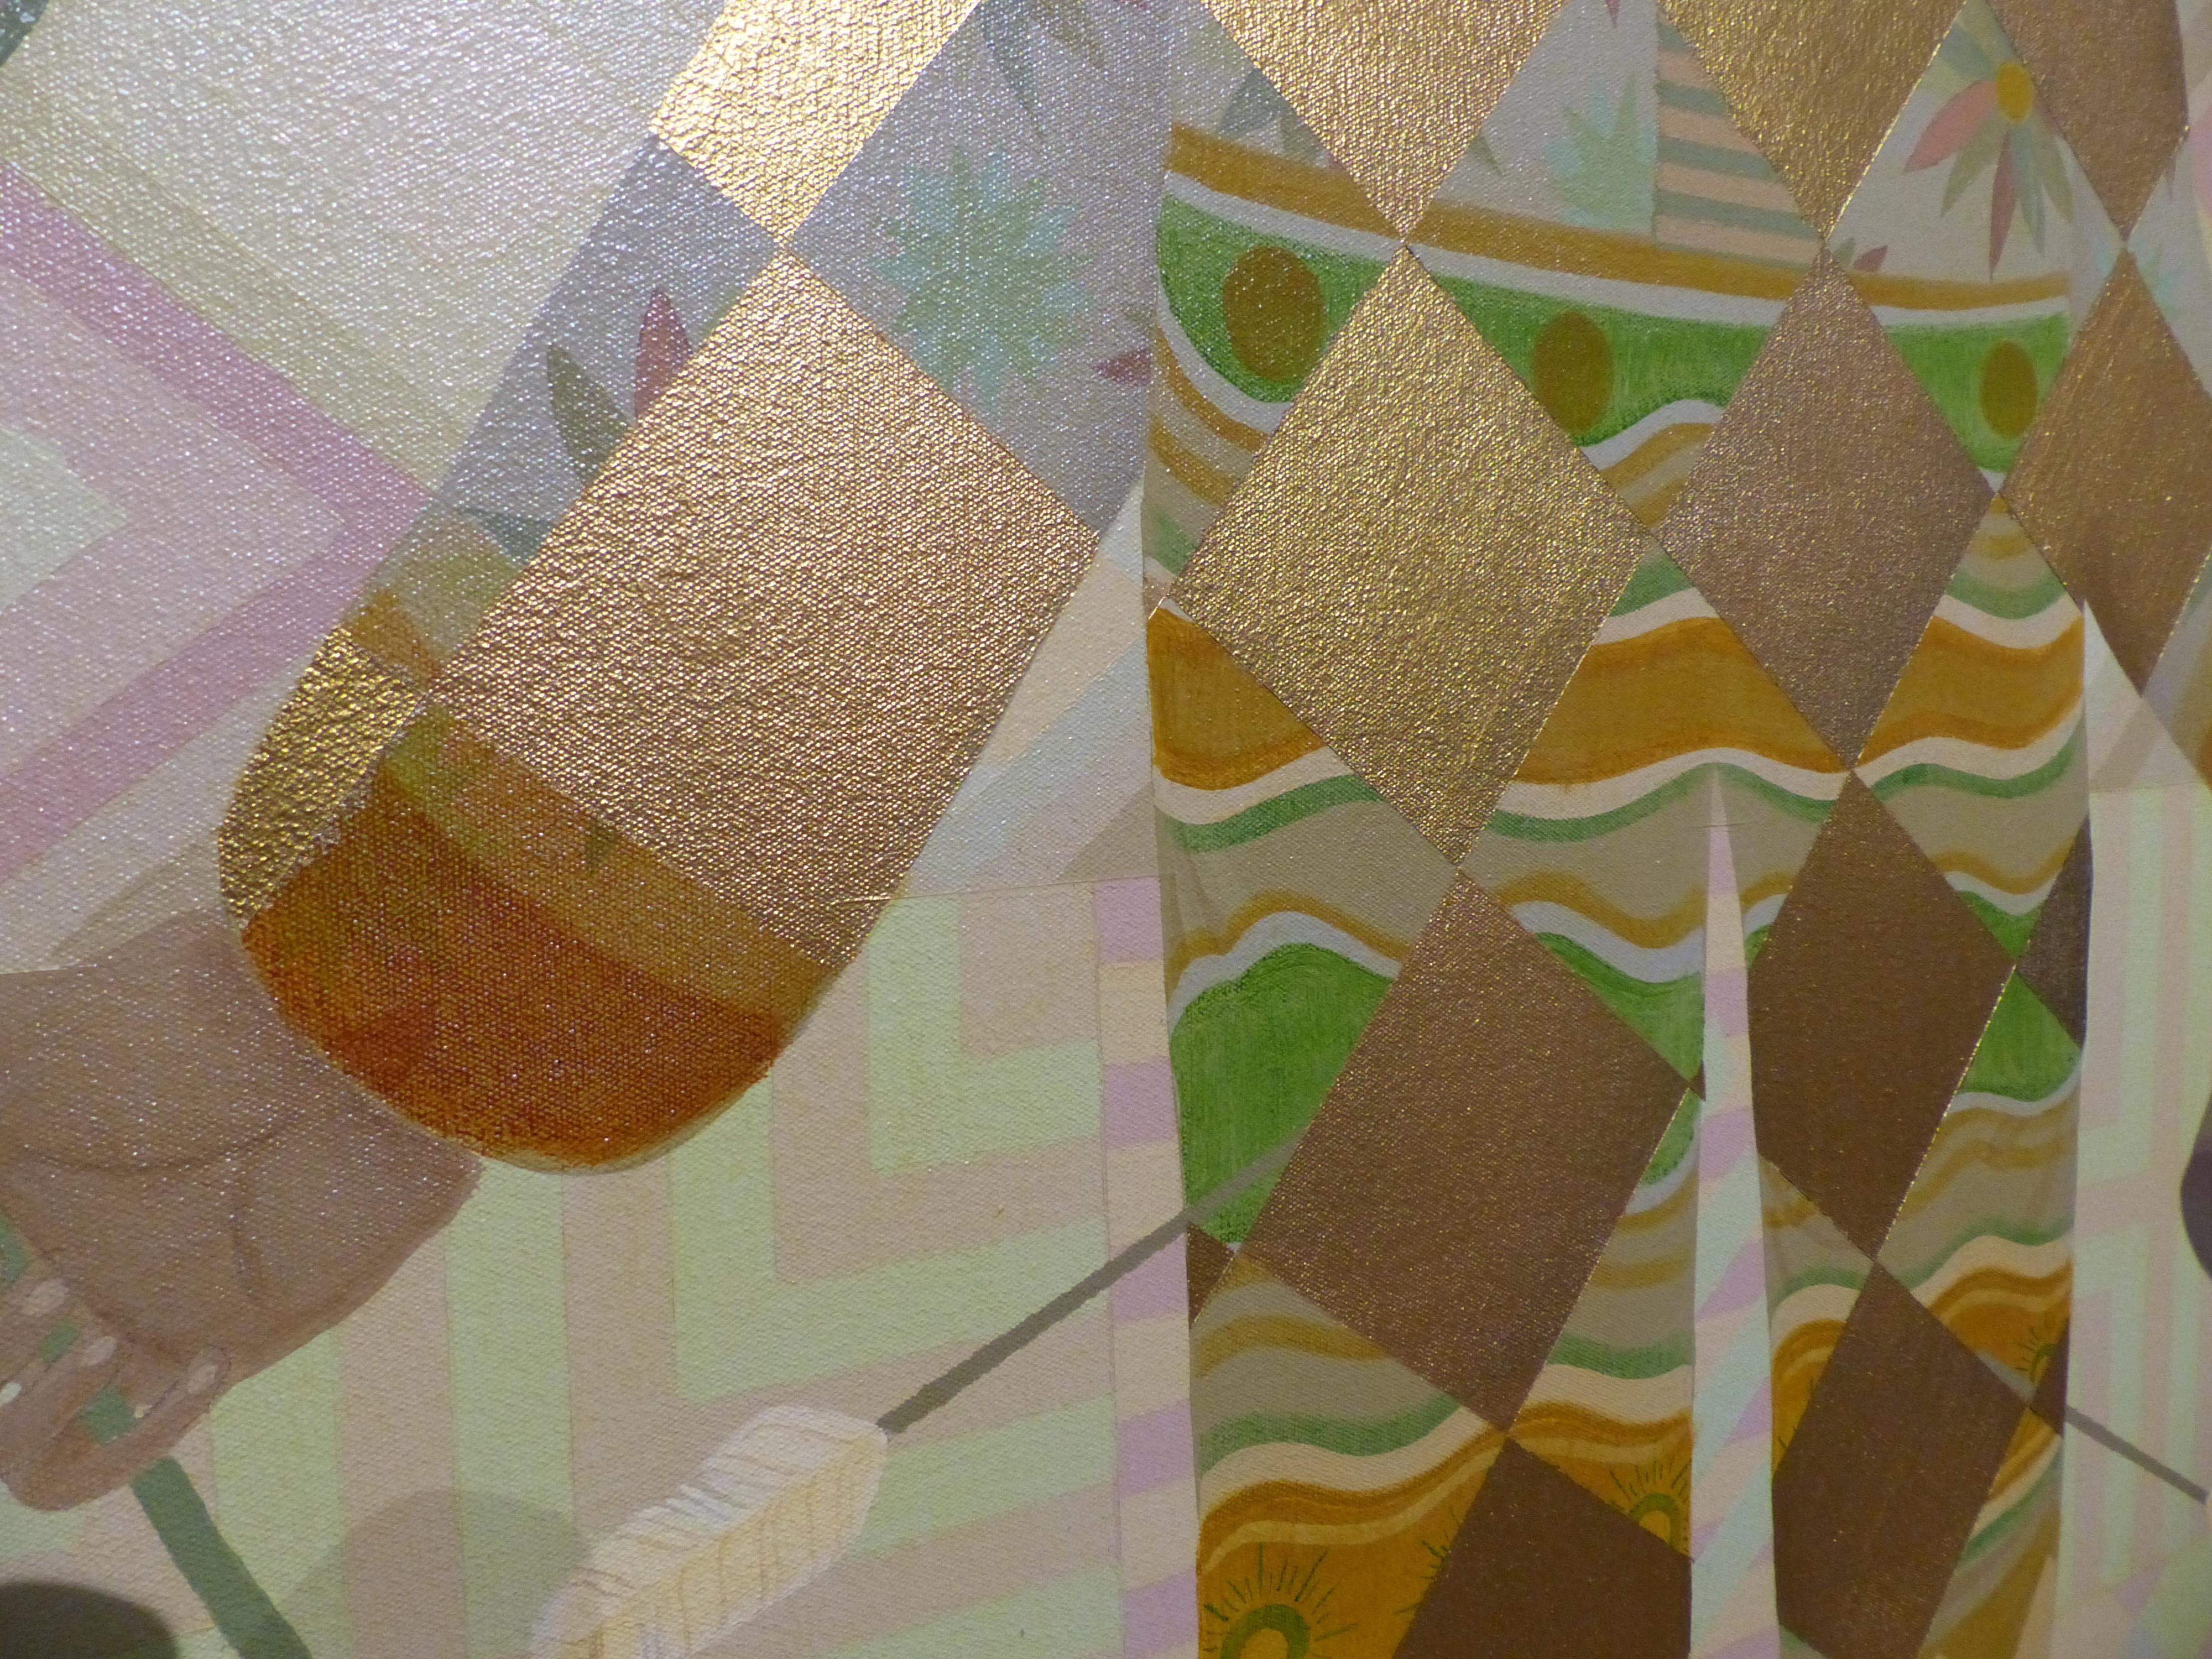 Finok: Metallic paint details